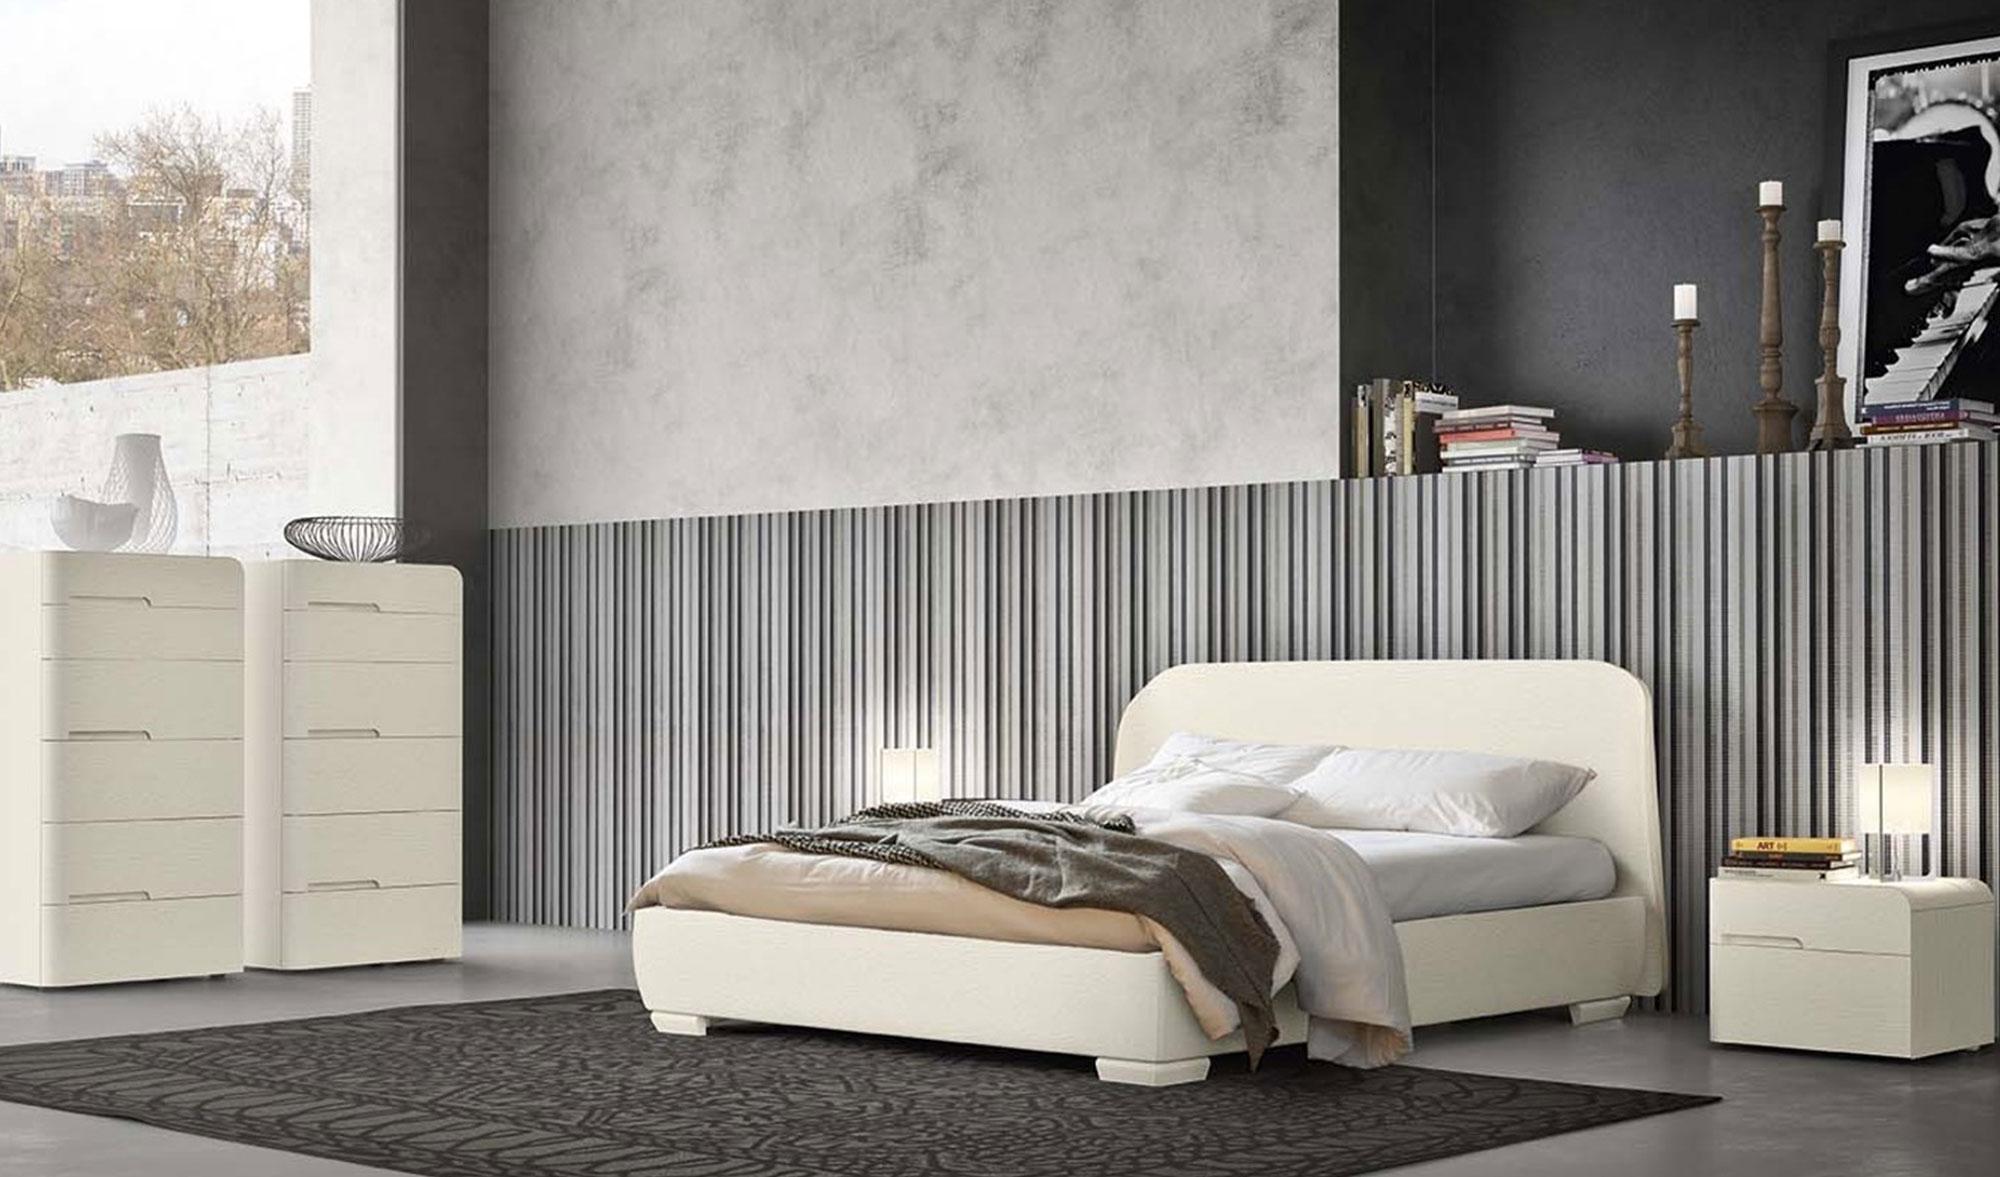 Camere dal letto napol arredo spazio casa - Camere da letto con letto contenitore ...